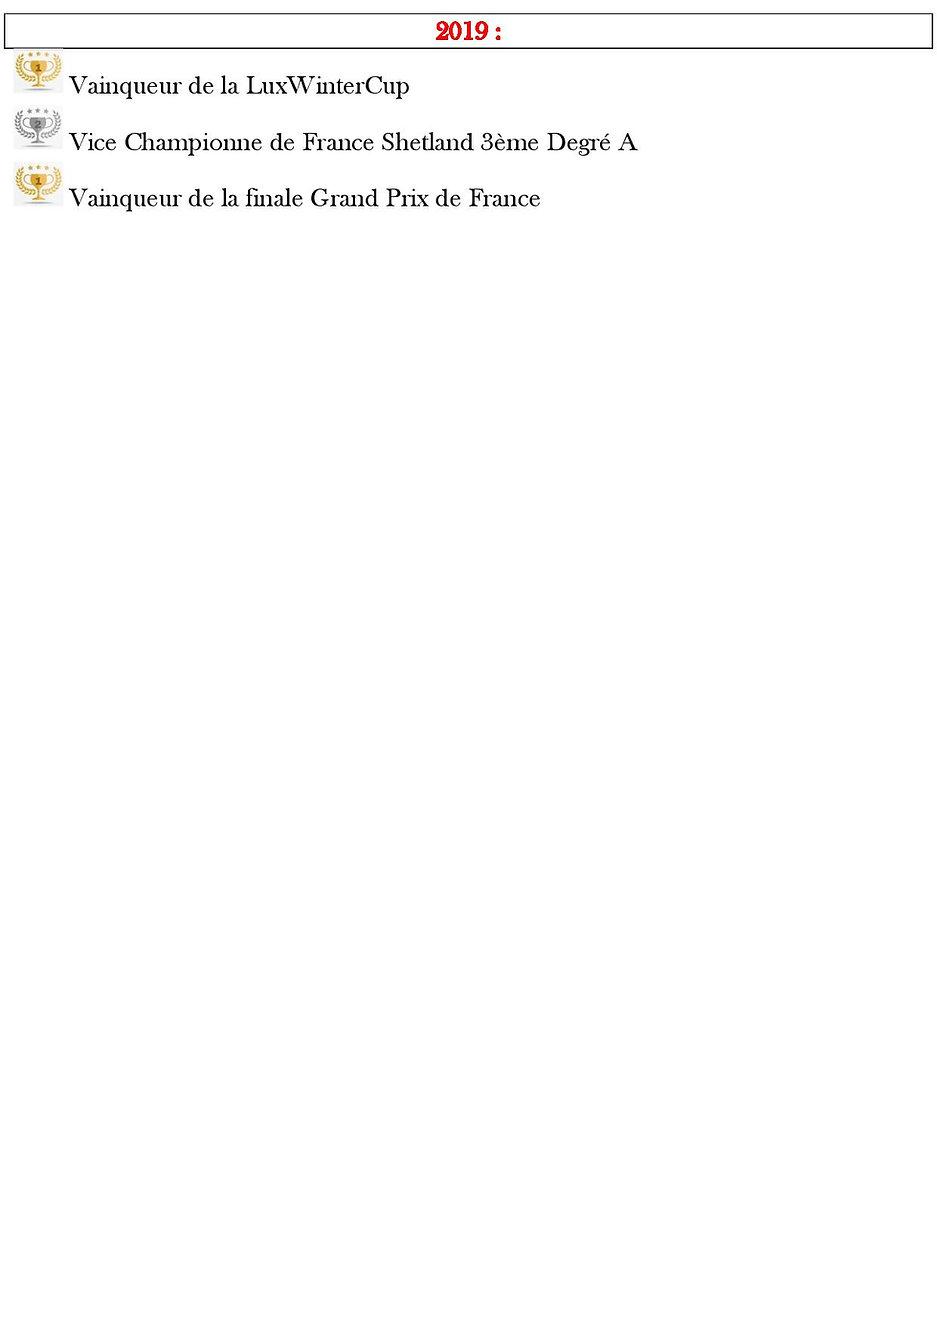 palmares Jessica-page-007.jpg